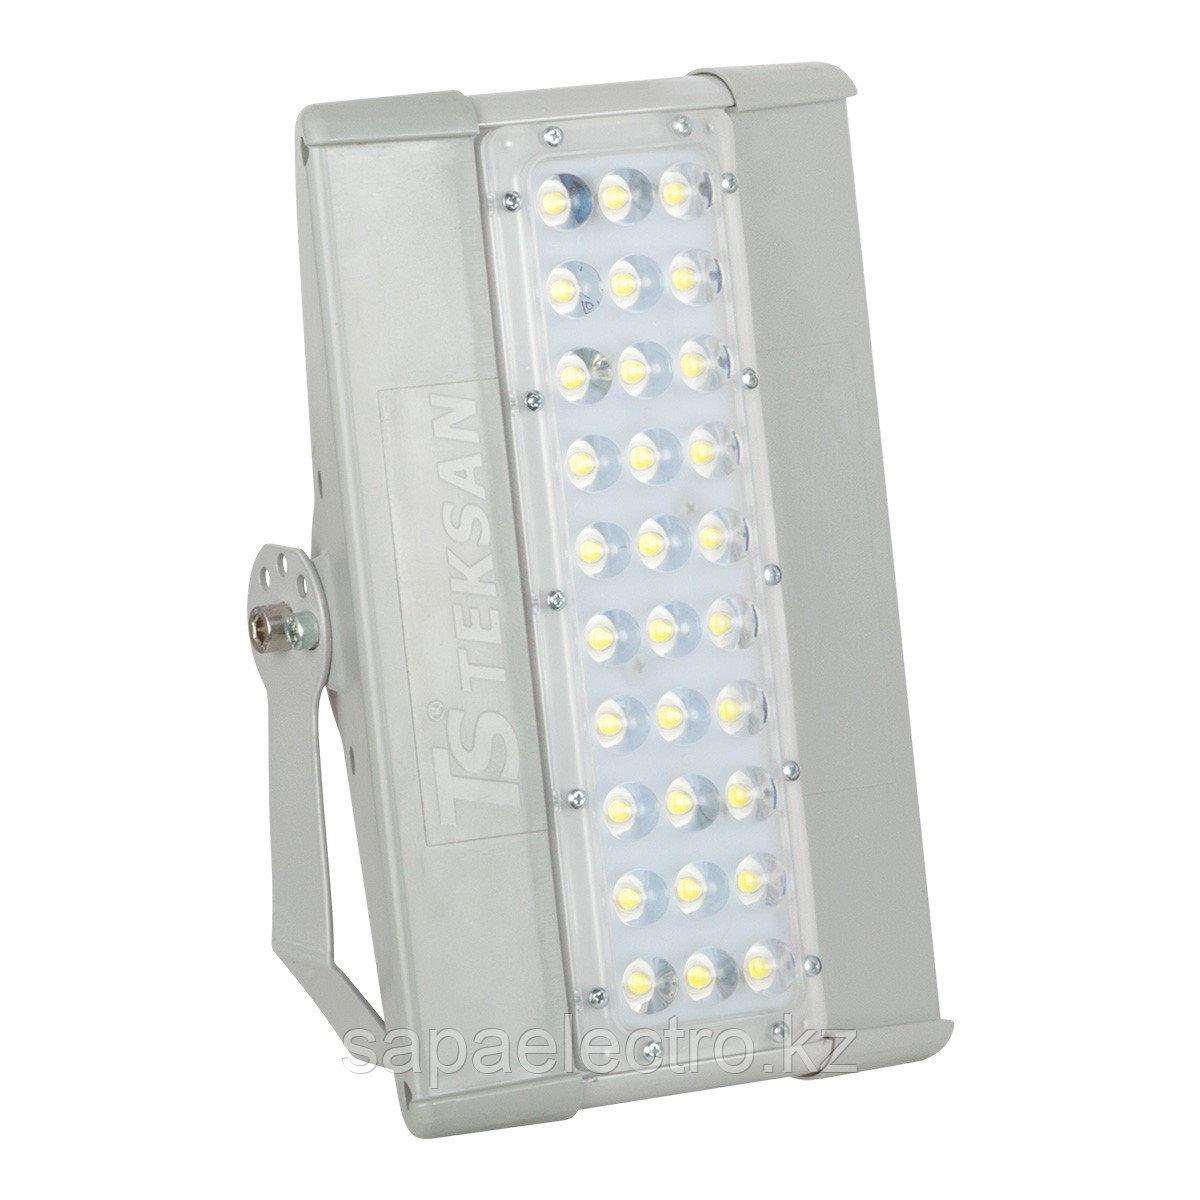 Прожектор LED SMART 1*30W (3 года гарантия) 6000K I